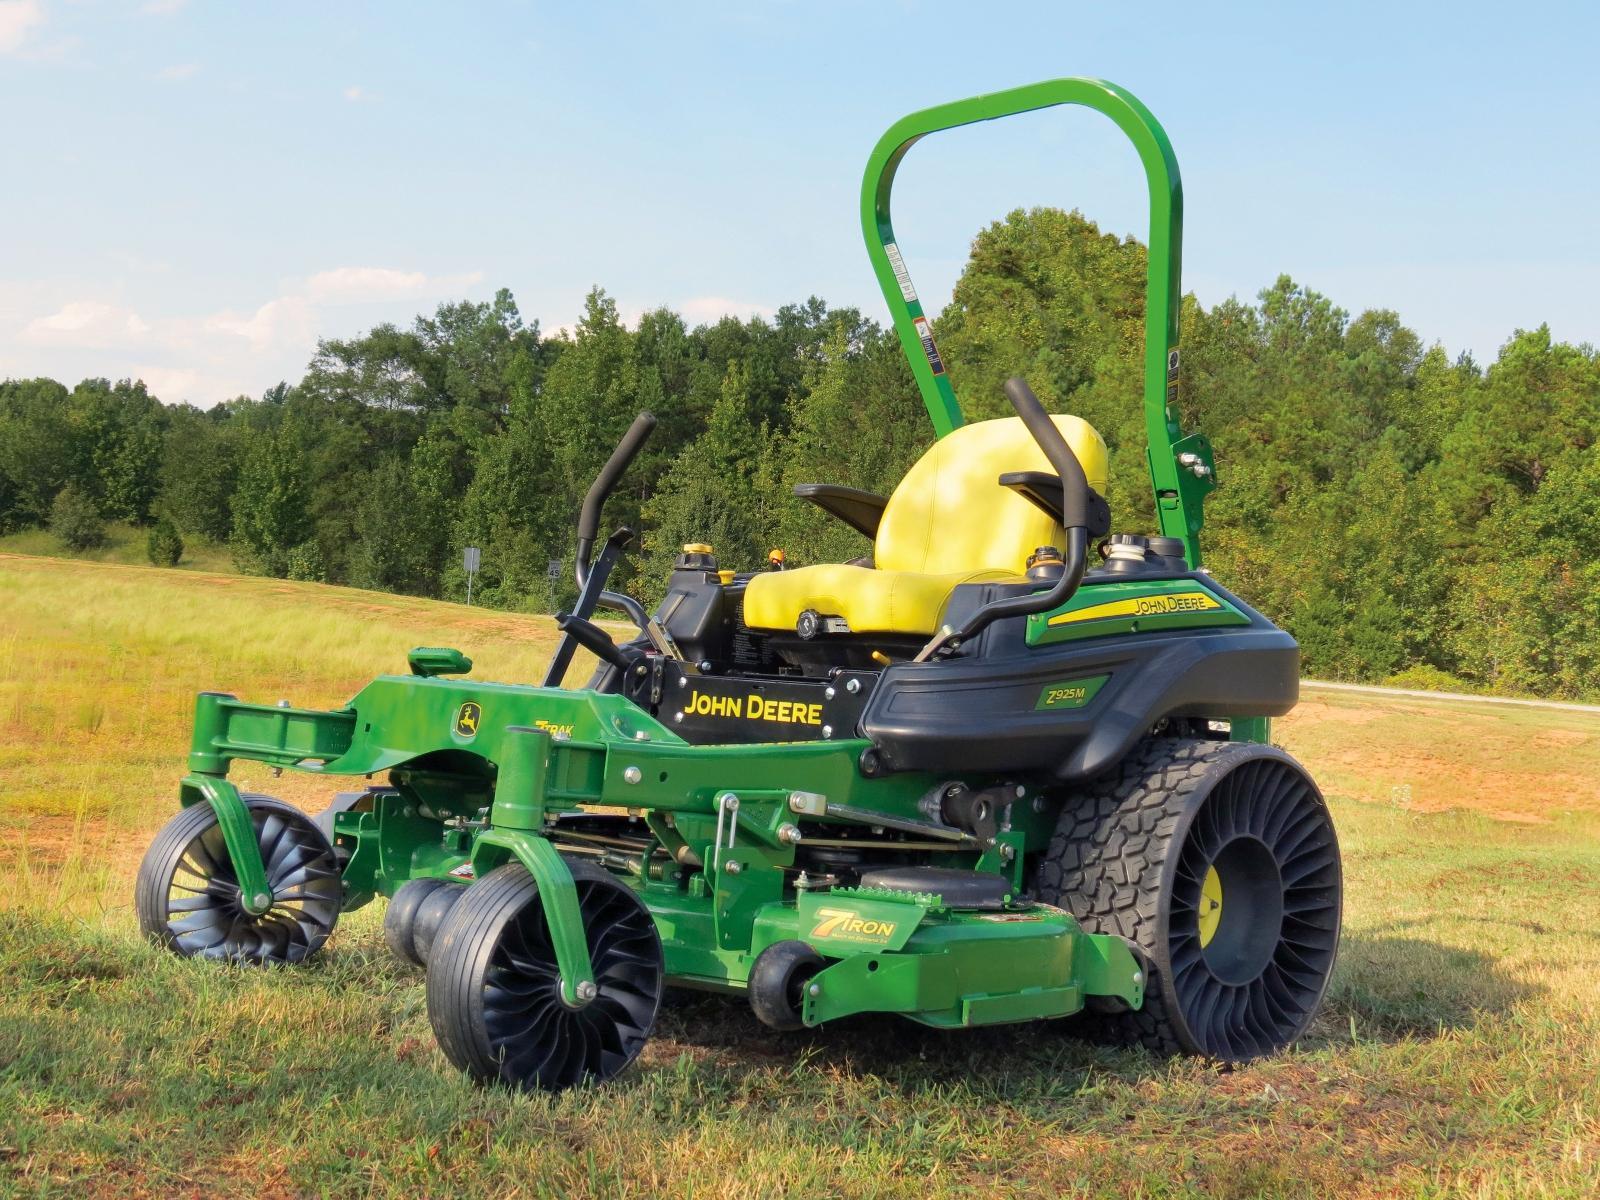 Мишлен объявила о запуске новых безвоздушных шин Turf Caster для газонокосилок